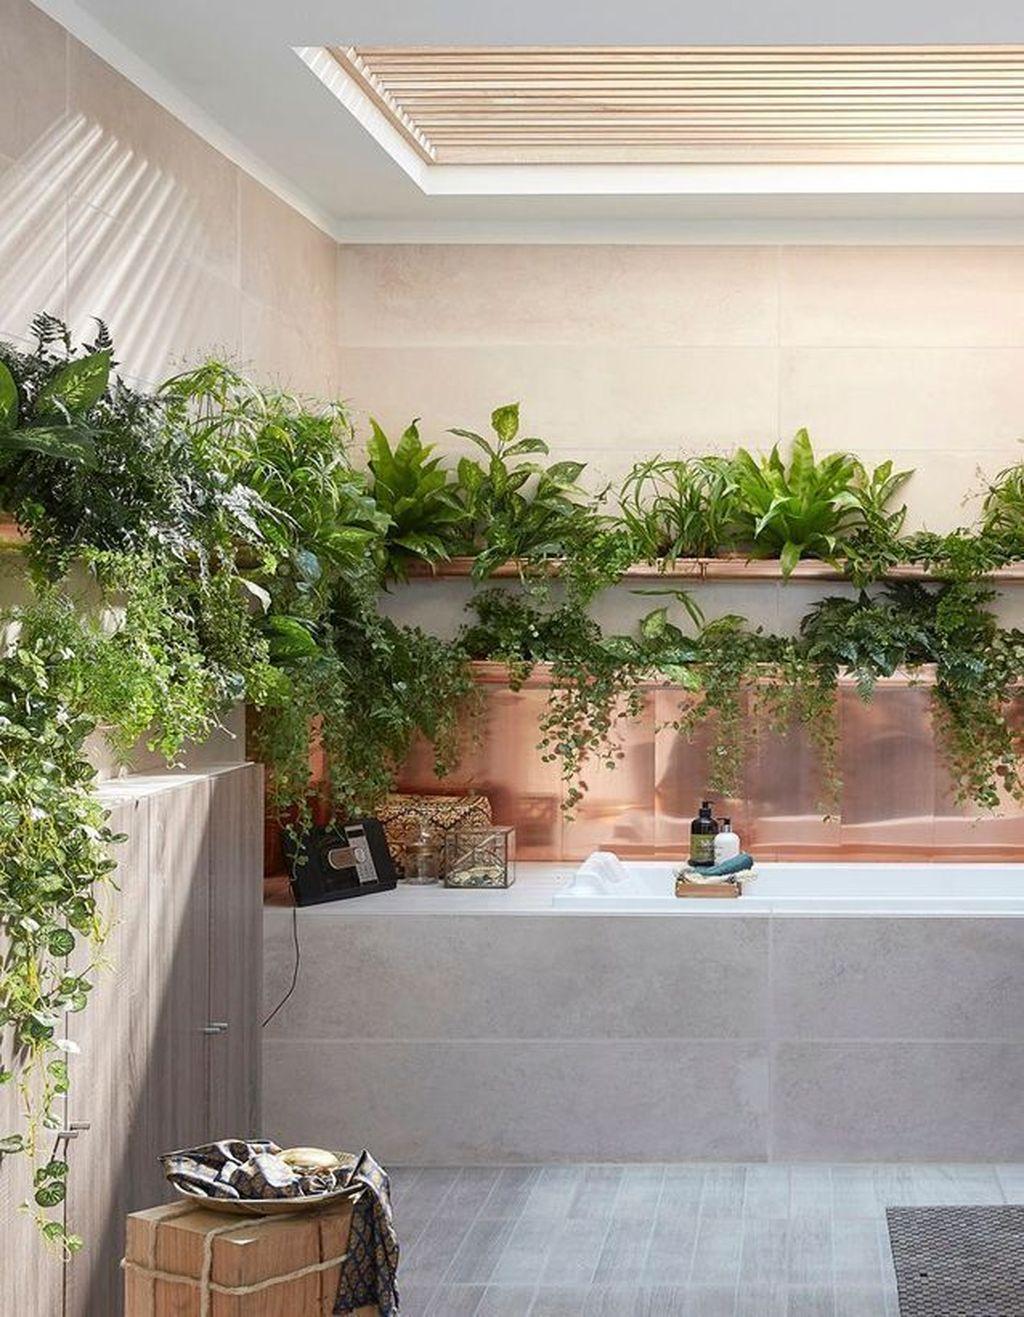 Inspiring Jungle Bathroom Decor Ideas 09